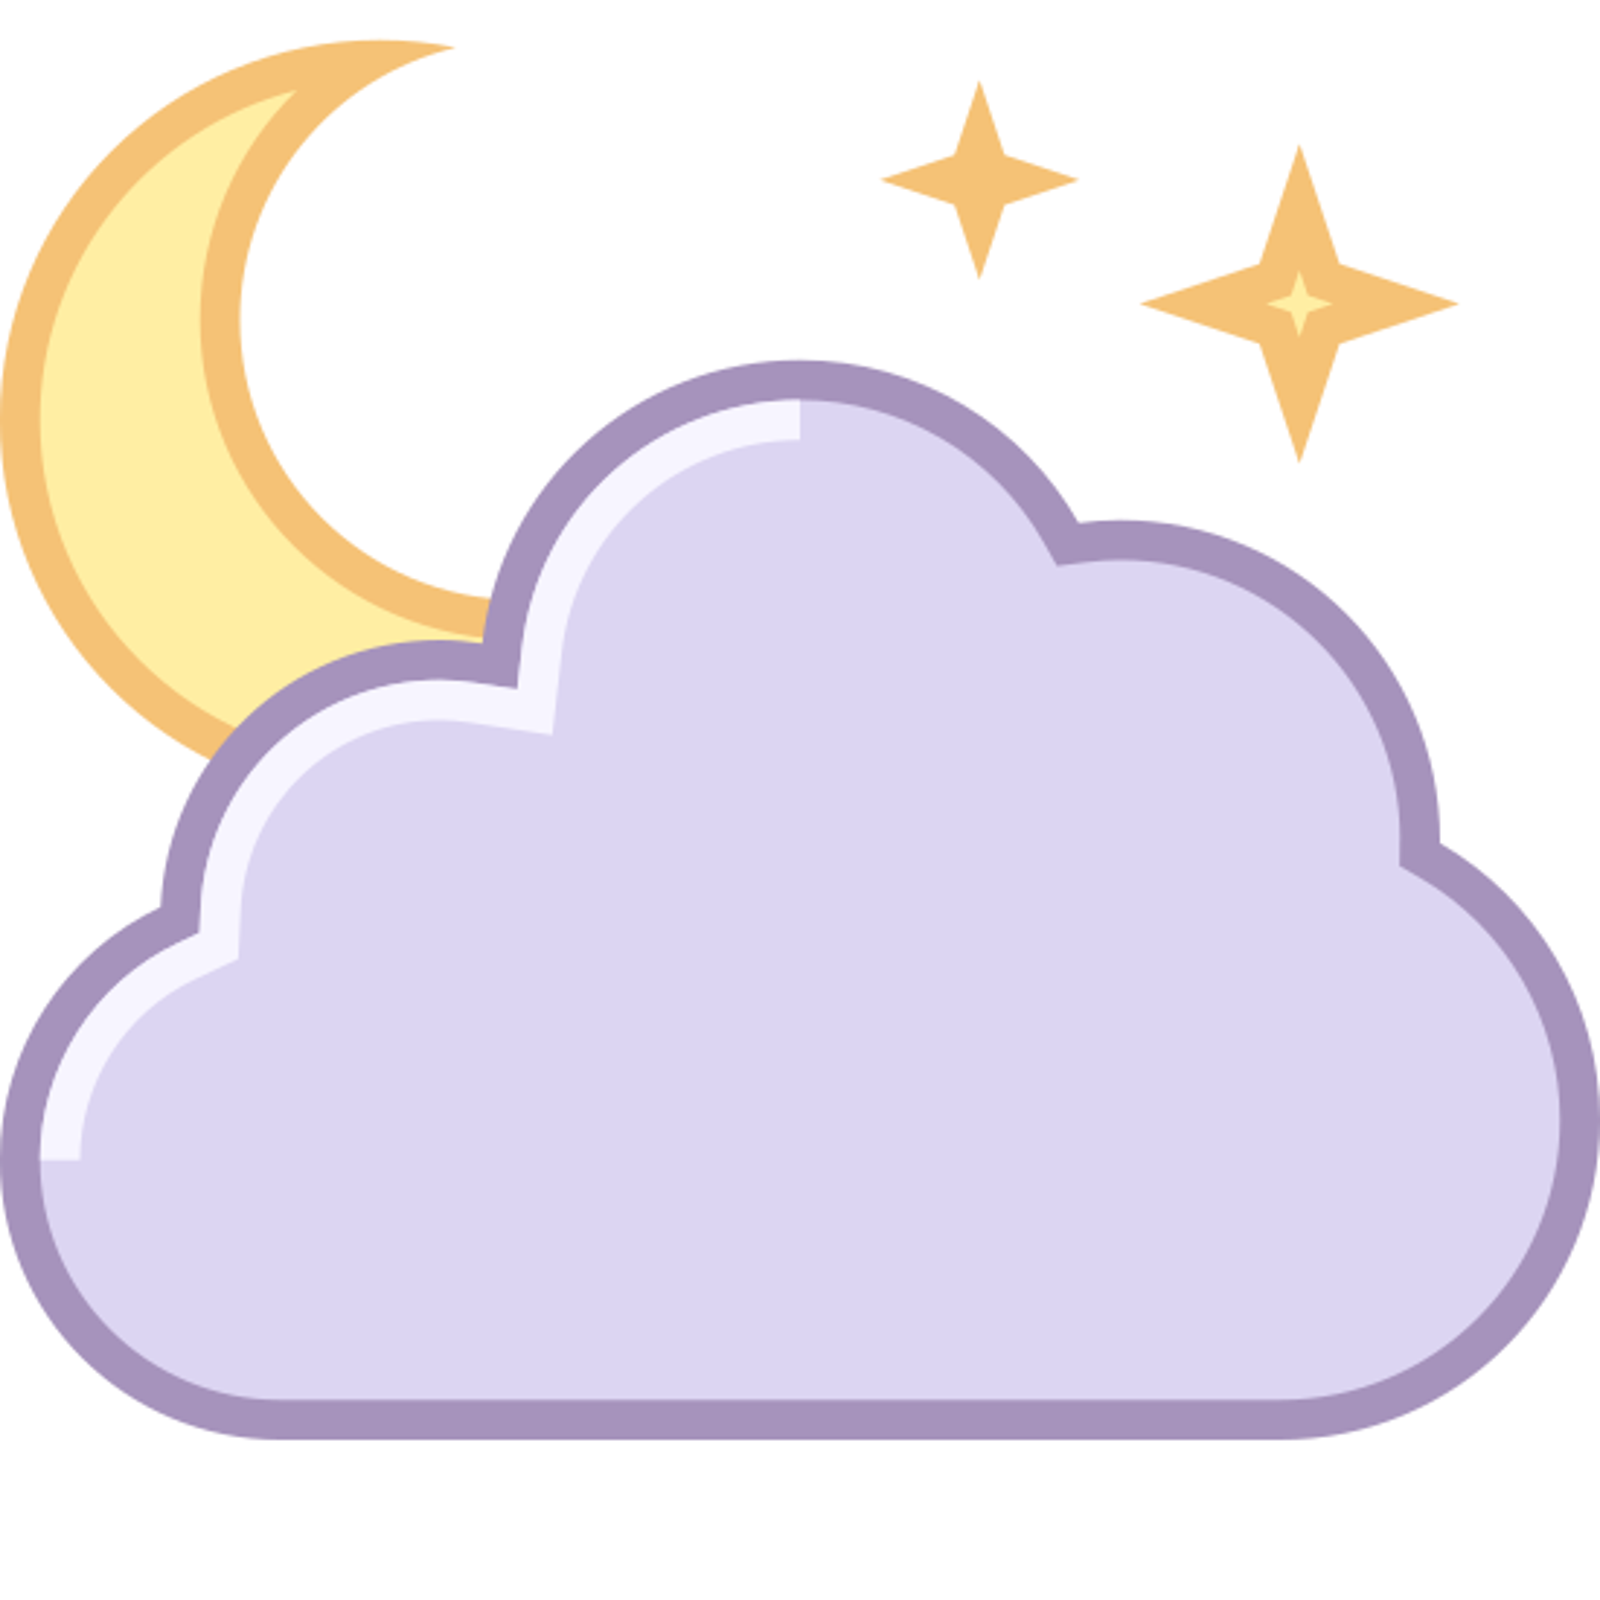 夜晚晴间多云 icon. This is a logo of a cloud made of three rounded circles. On top of the cloud is part of a gibbous moon. To the left of the moon are two cross shaped stars, one bigger than the other.